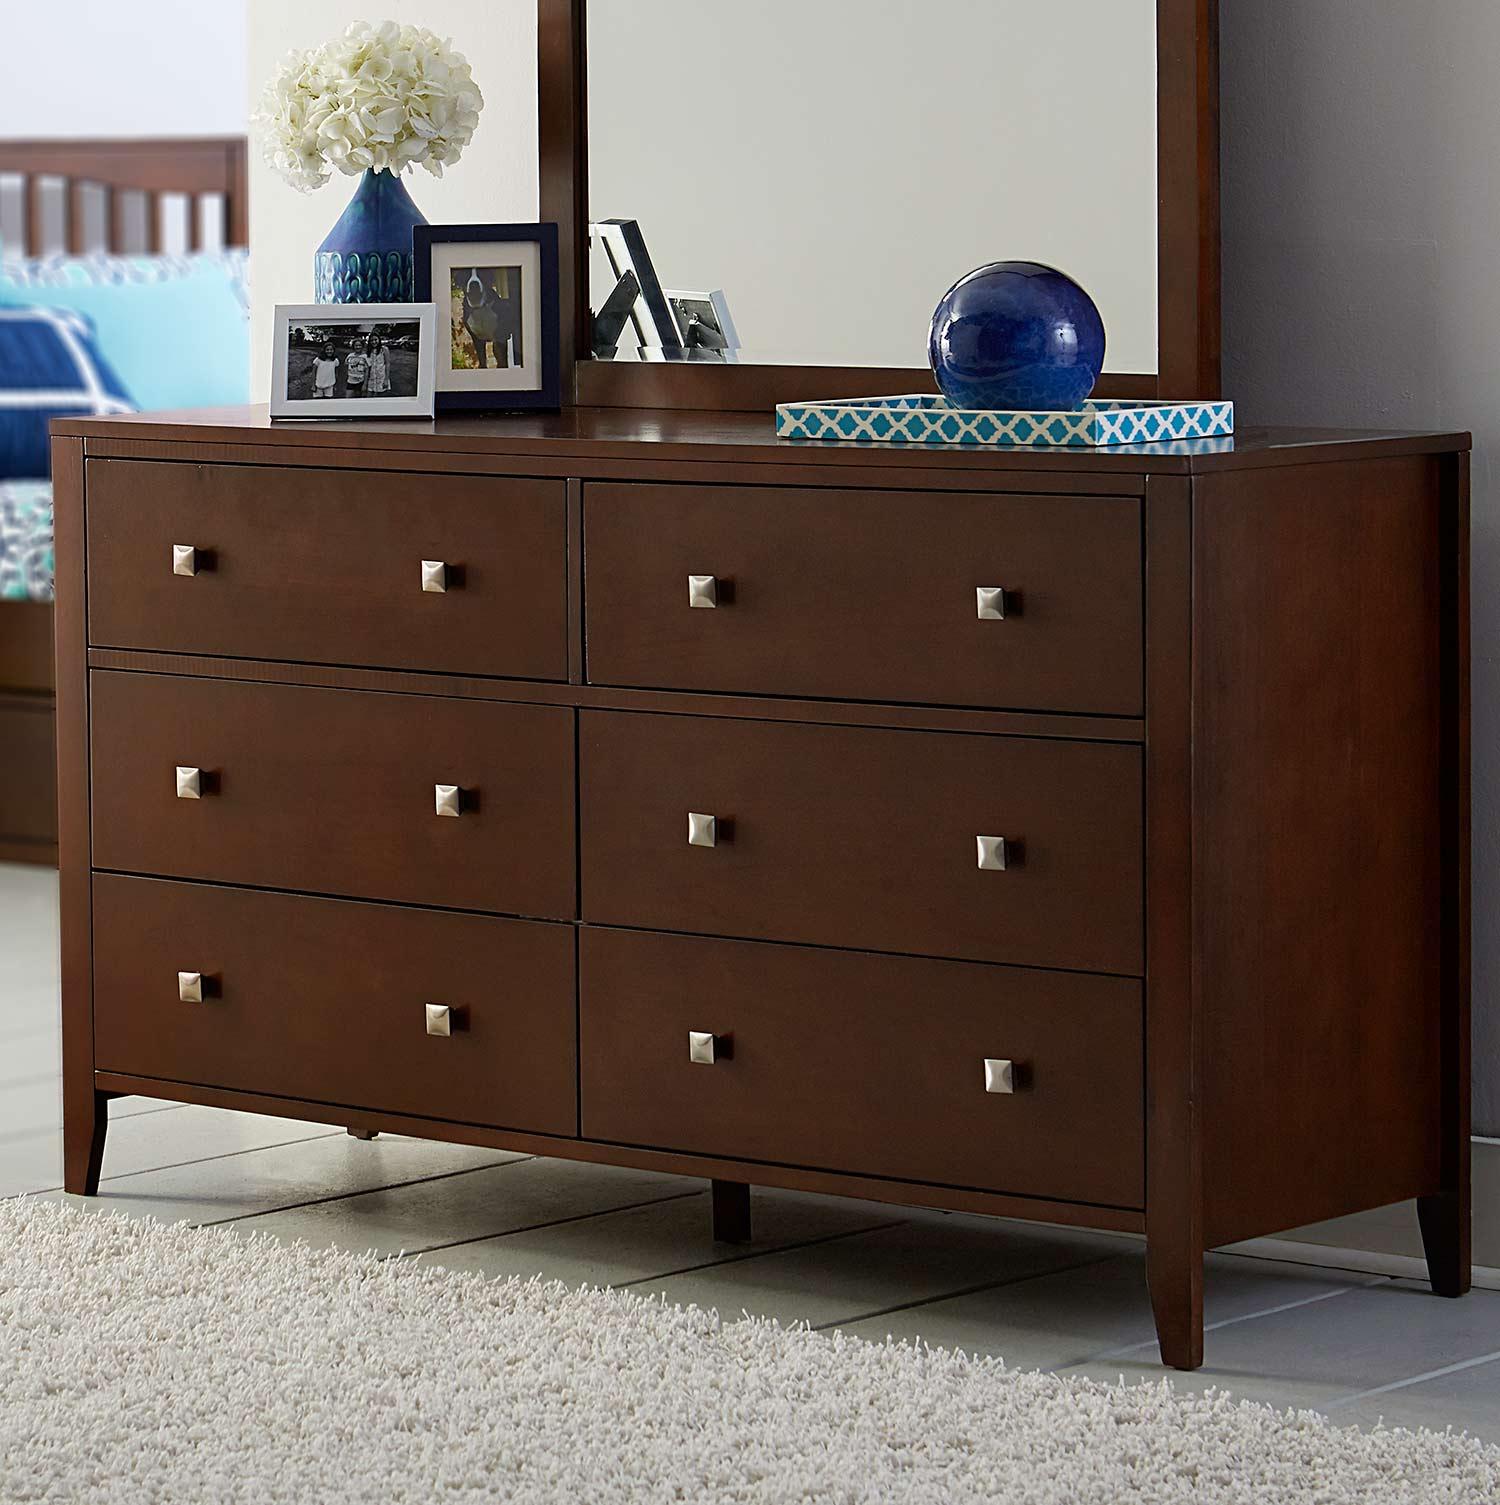 NE Kids Pulse 6 Drawer Dresser - Cherry